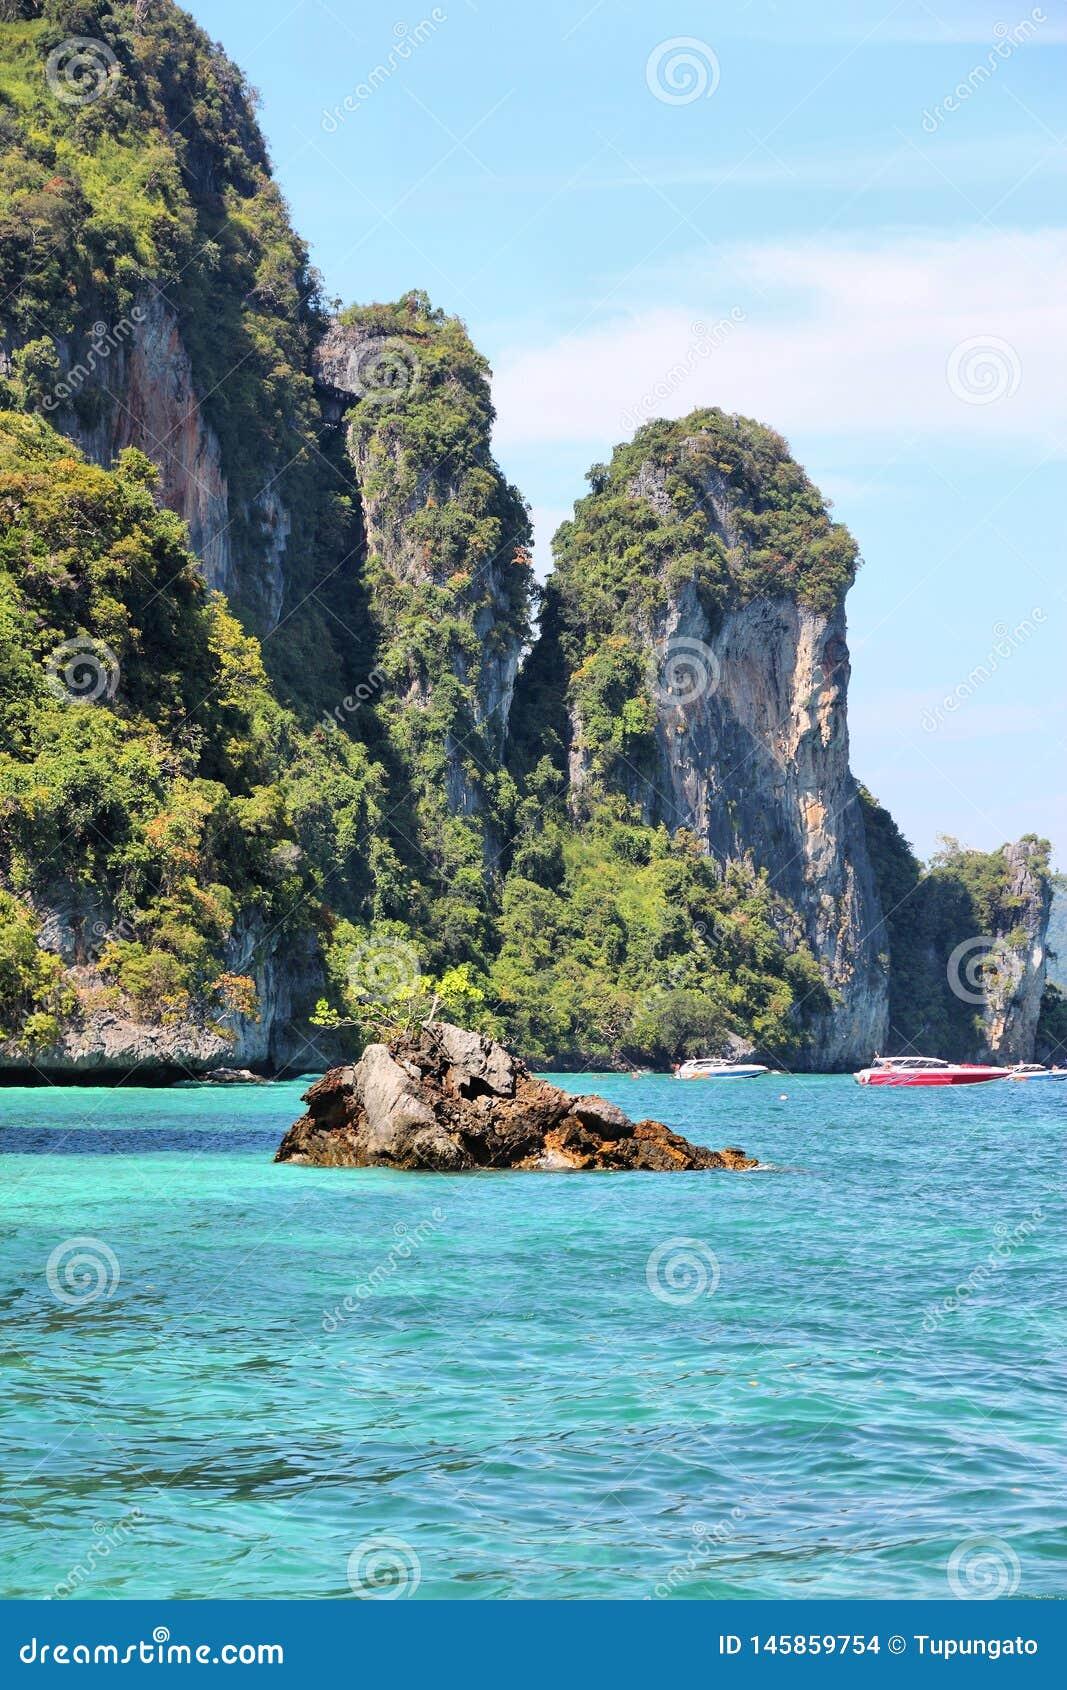 Thailand paradise stock photo. Image of exotic, winter